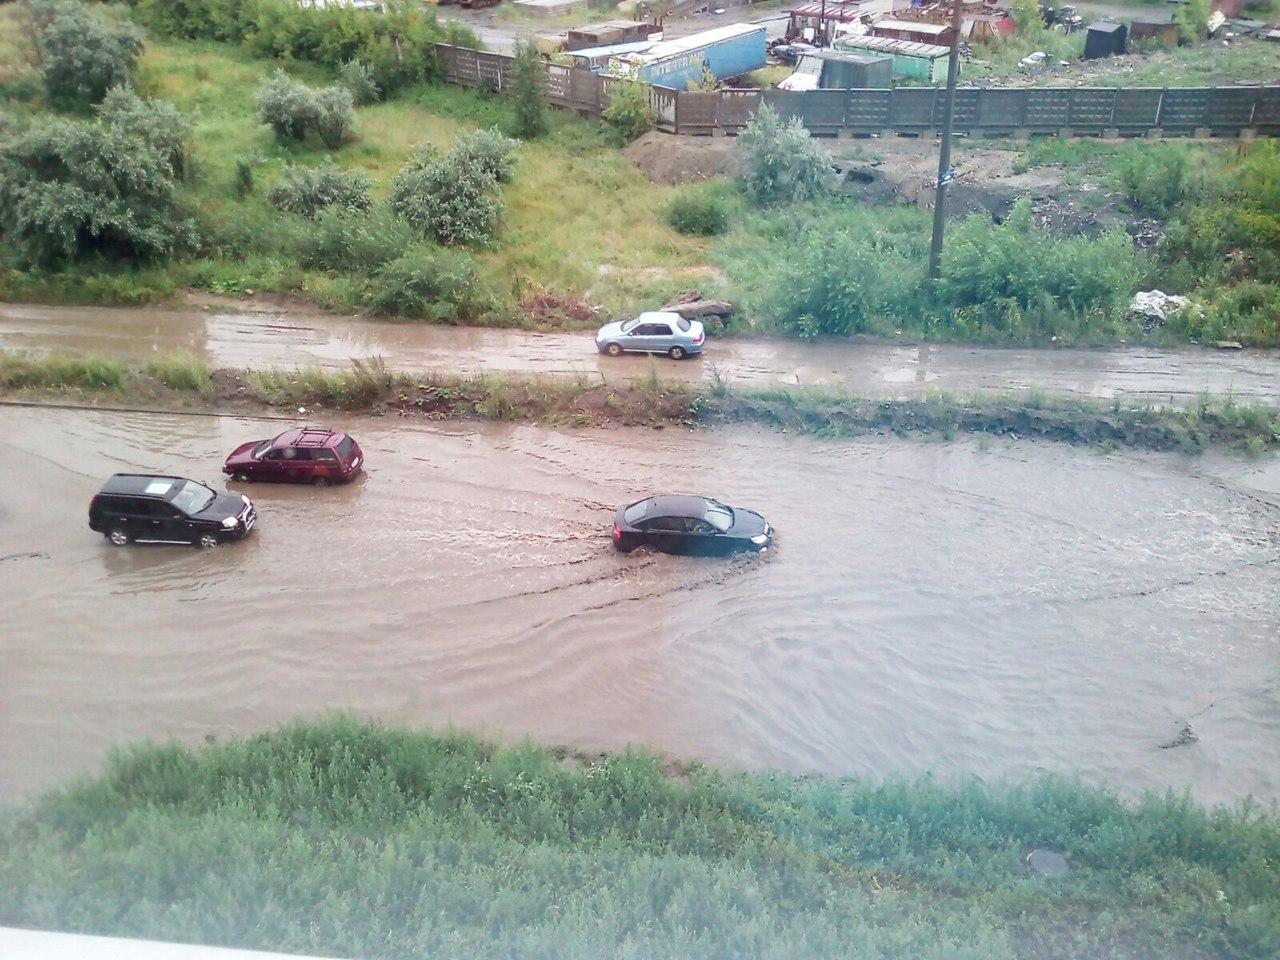 Затопленной оказалась проезжая часть улицы Дадыдова. Как сообщают пользователи социальной сети «В